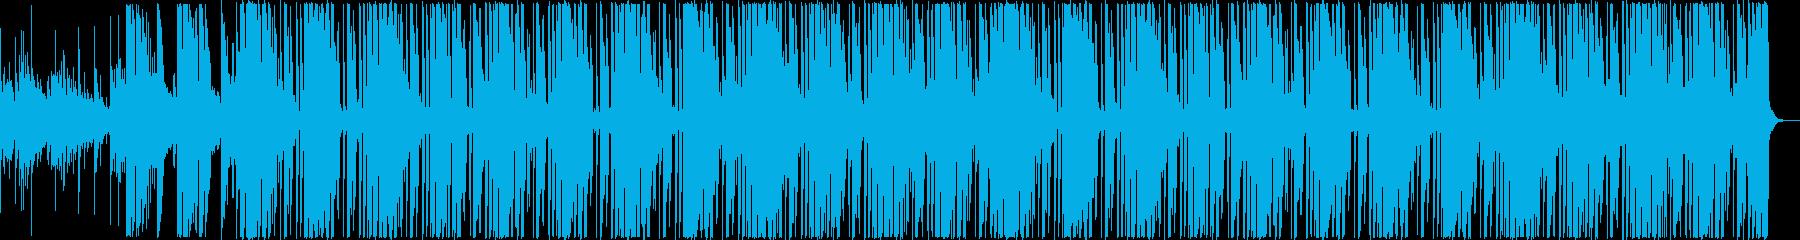 南国の空気を感じるレゲエ調R&B POPの再生済みの波形